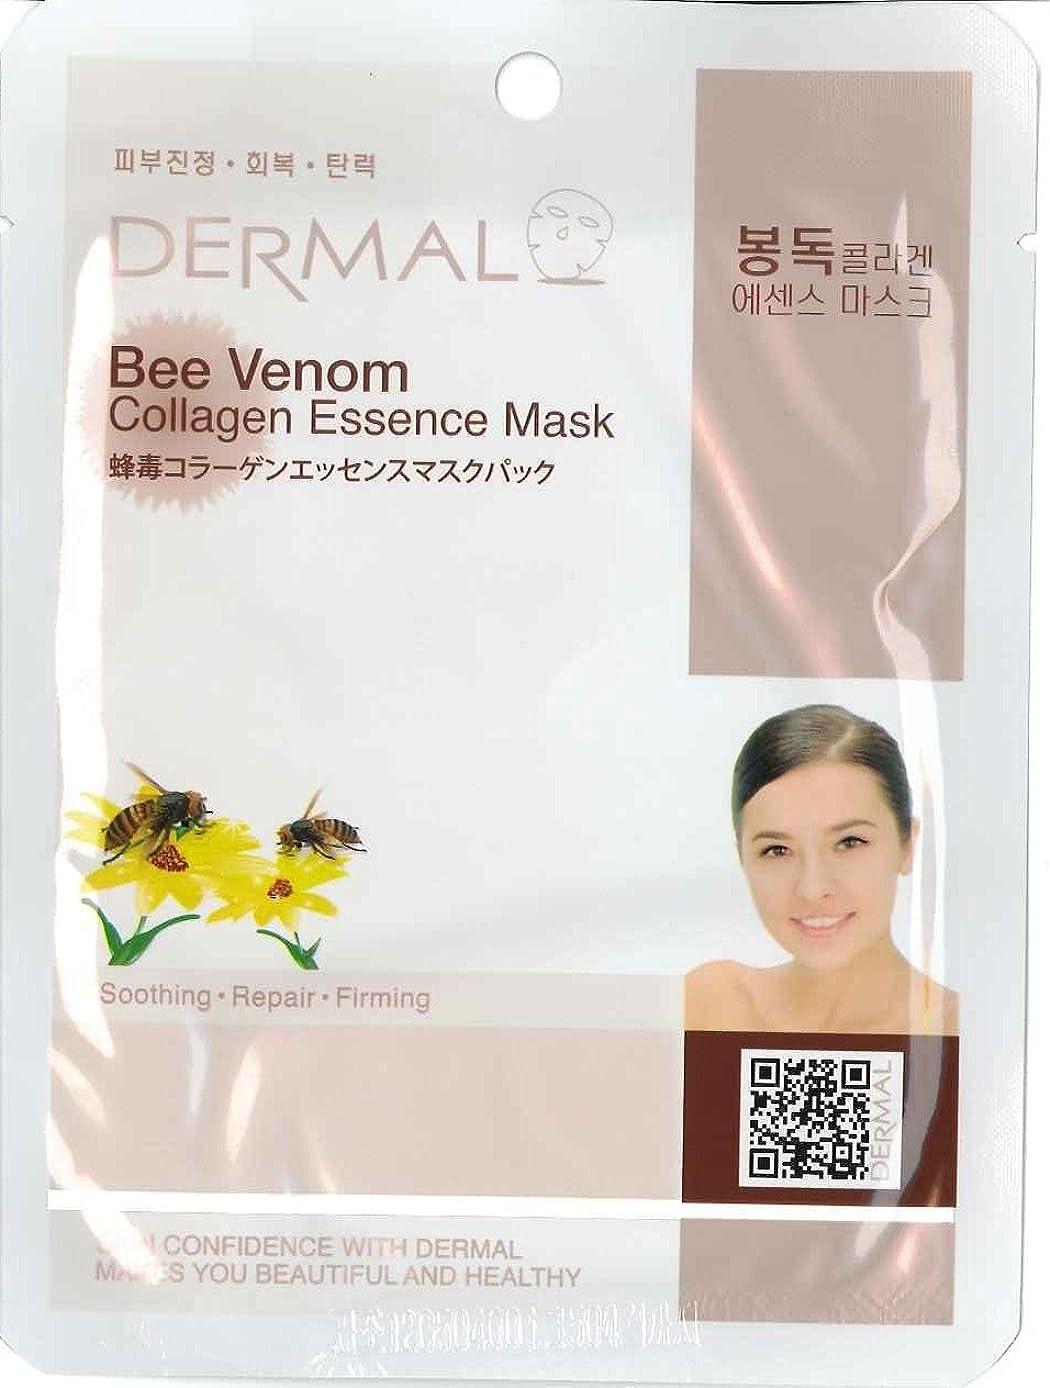 私の誕生日腐敗Dermal(ダーマル) 蜂毒(フェイスパック) ミツバチ毒 シートマスク 10枚